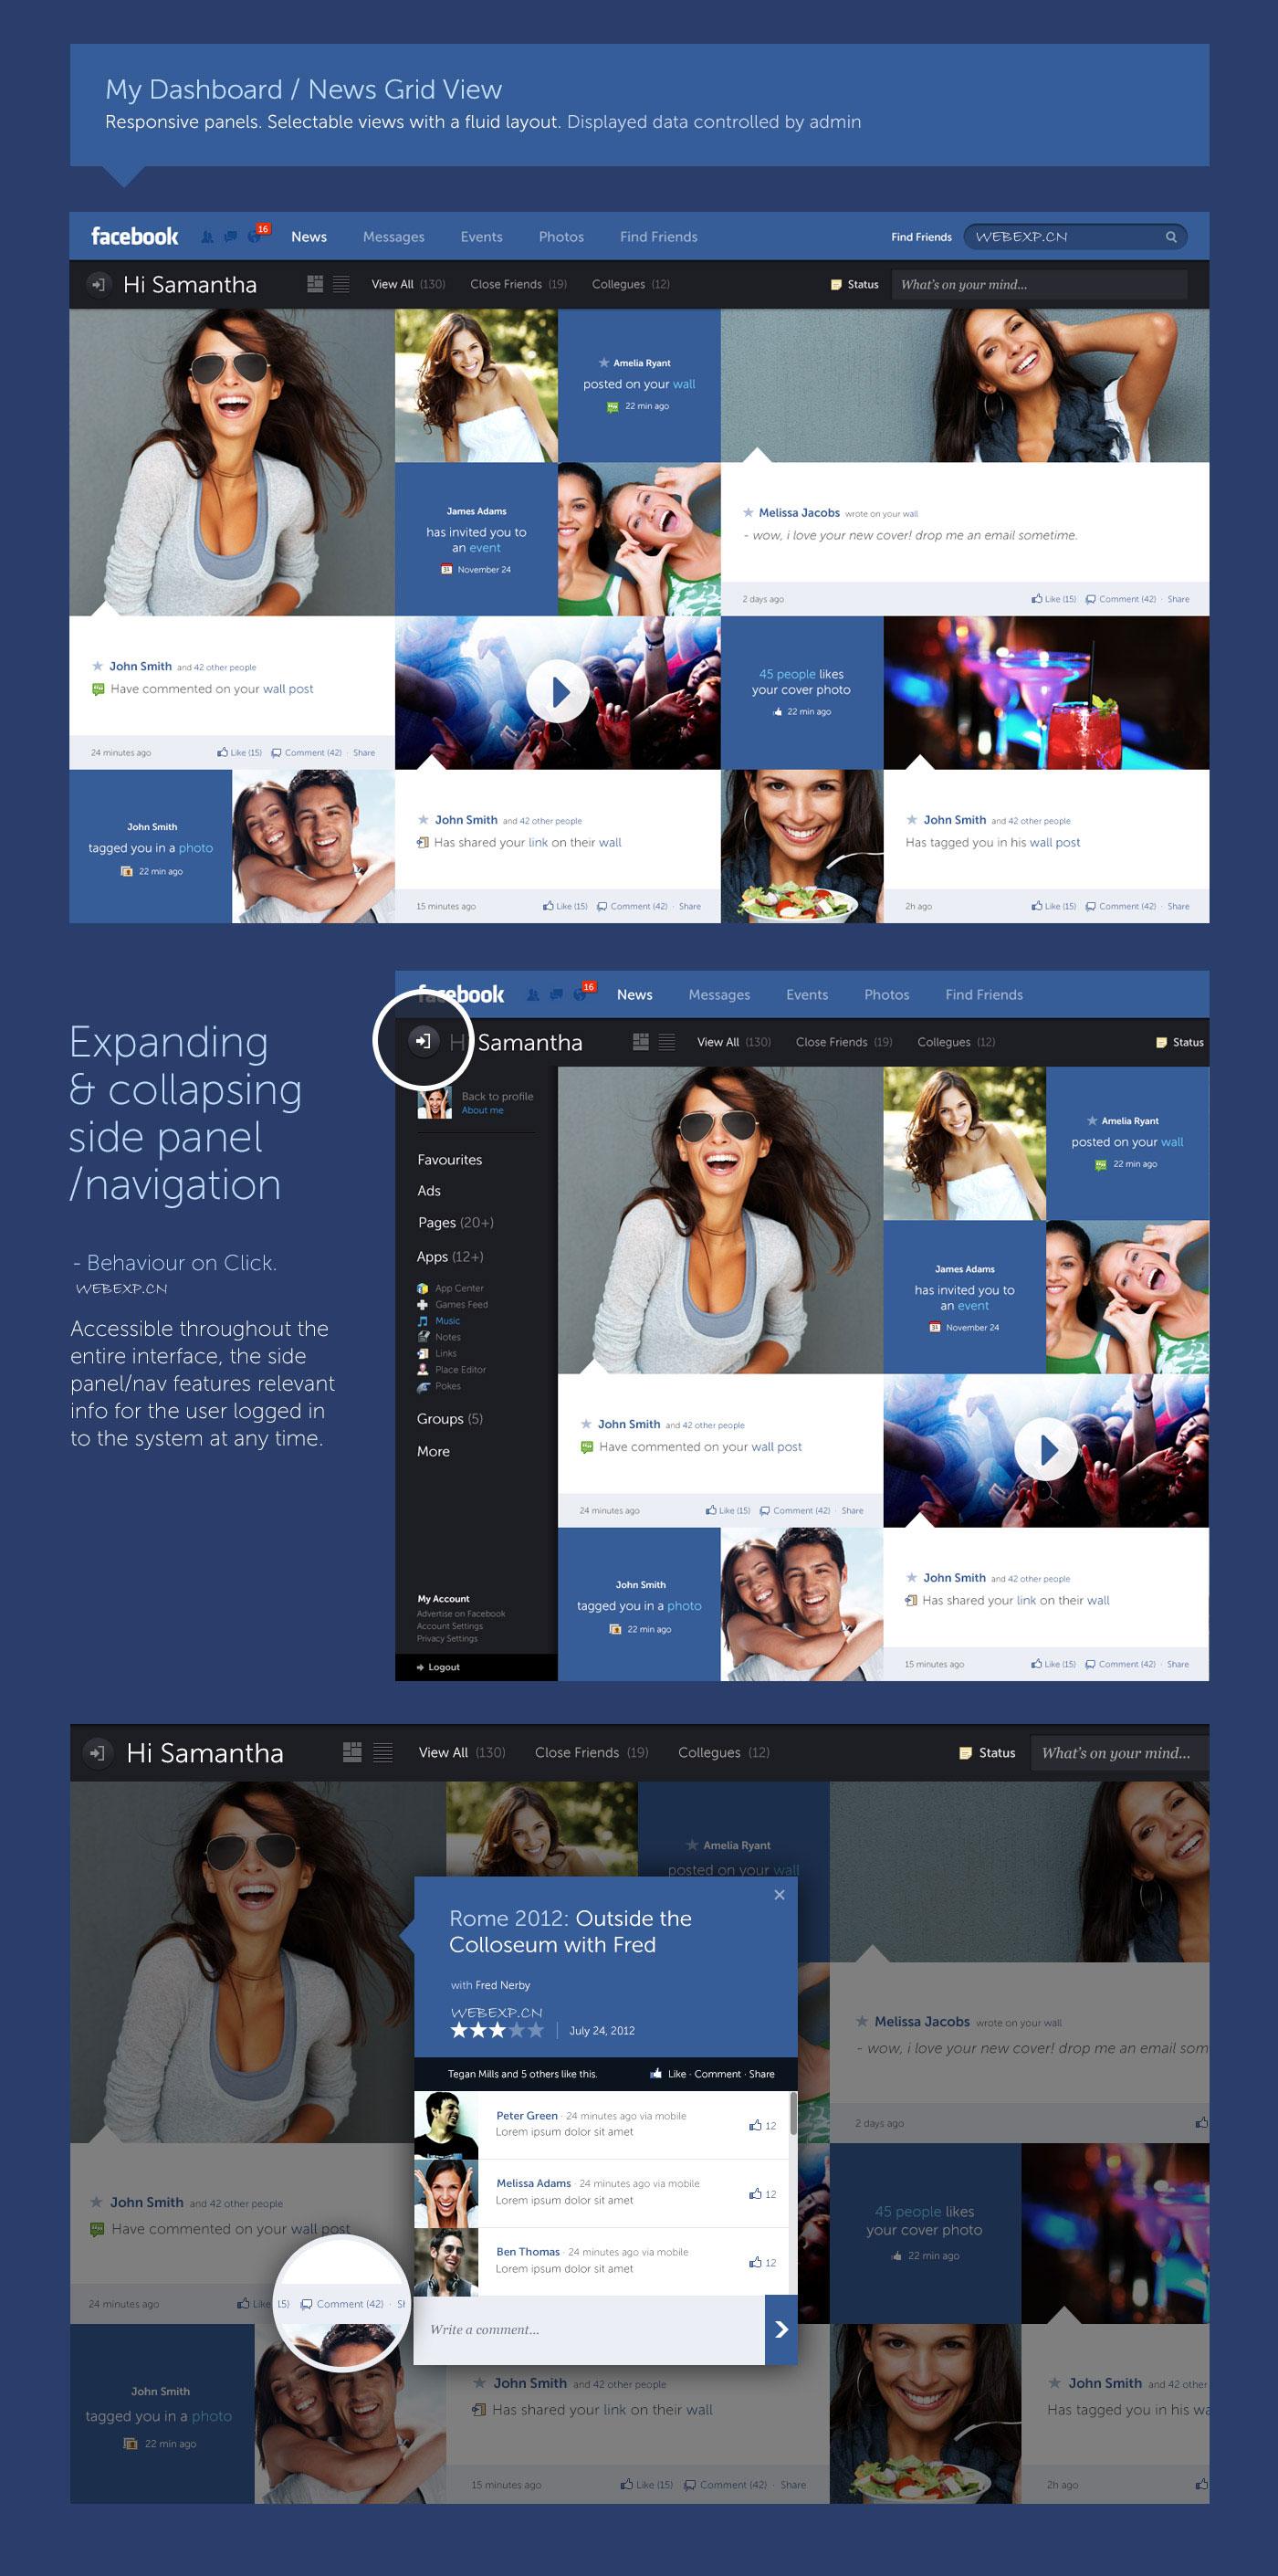 澳大利亚设计师 Fred Nerby 发布 Facebook概念图,相信很快人人就会改版!